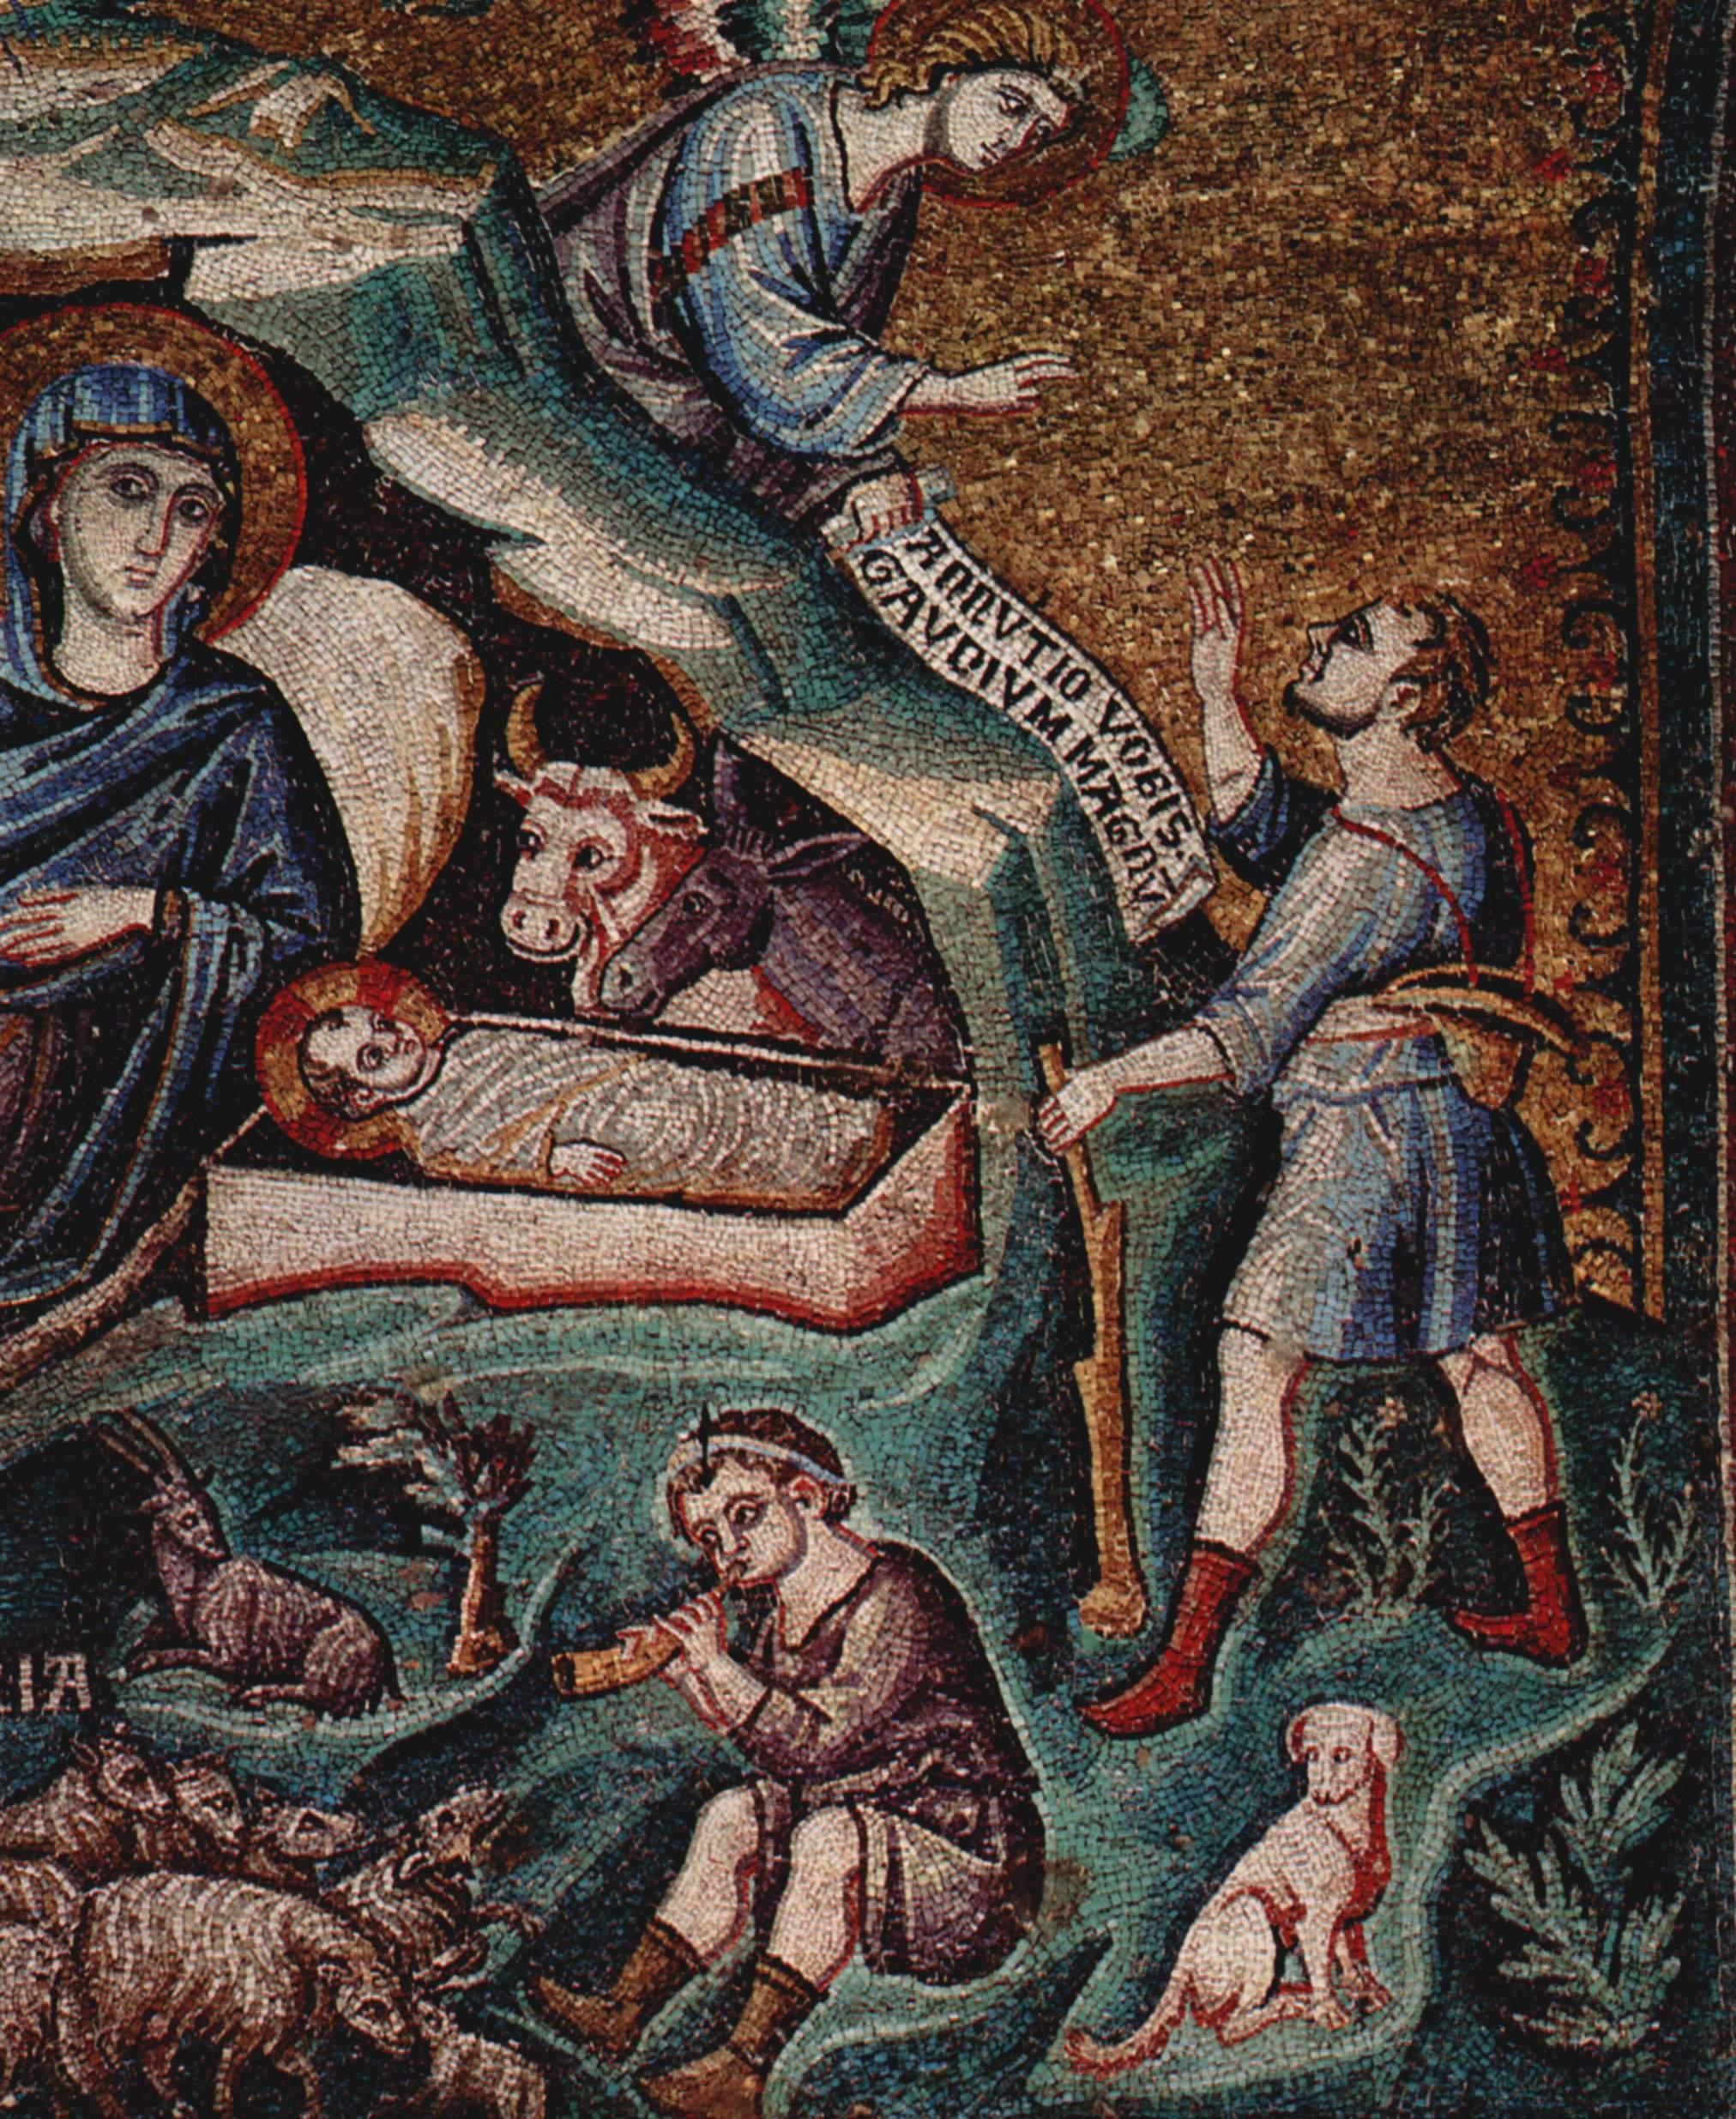 Цикл мозаик с шестью сценами из жизни Марии в церкви Санта Мария в Трастевере в Риме, Рождество Хрис, Пьетро Каваллини